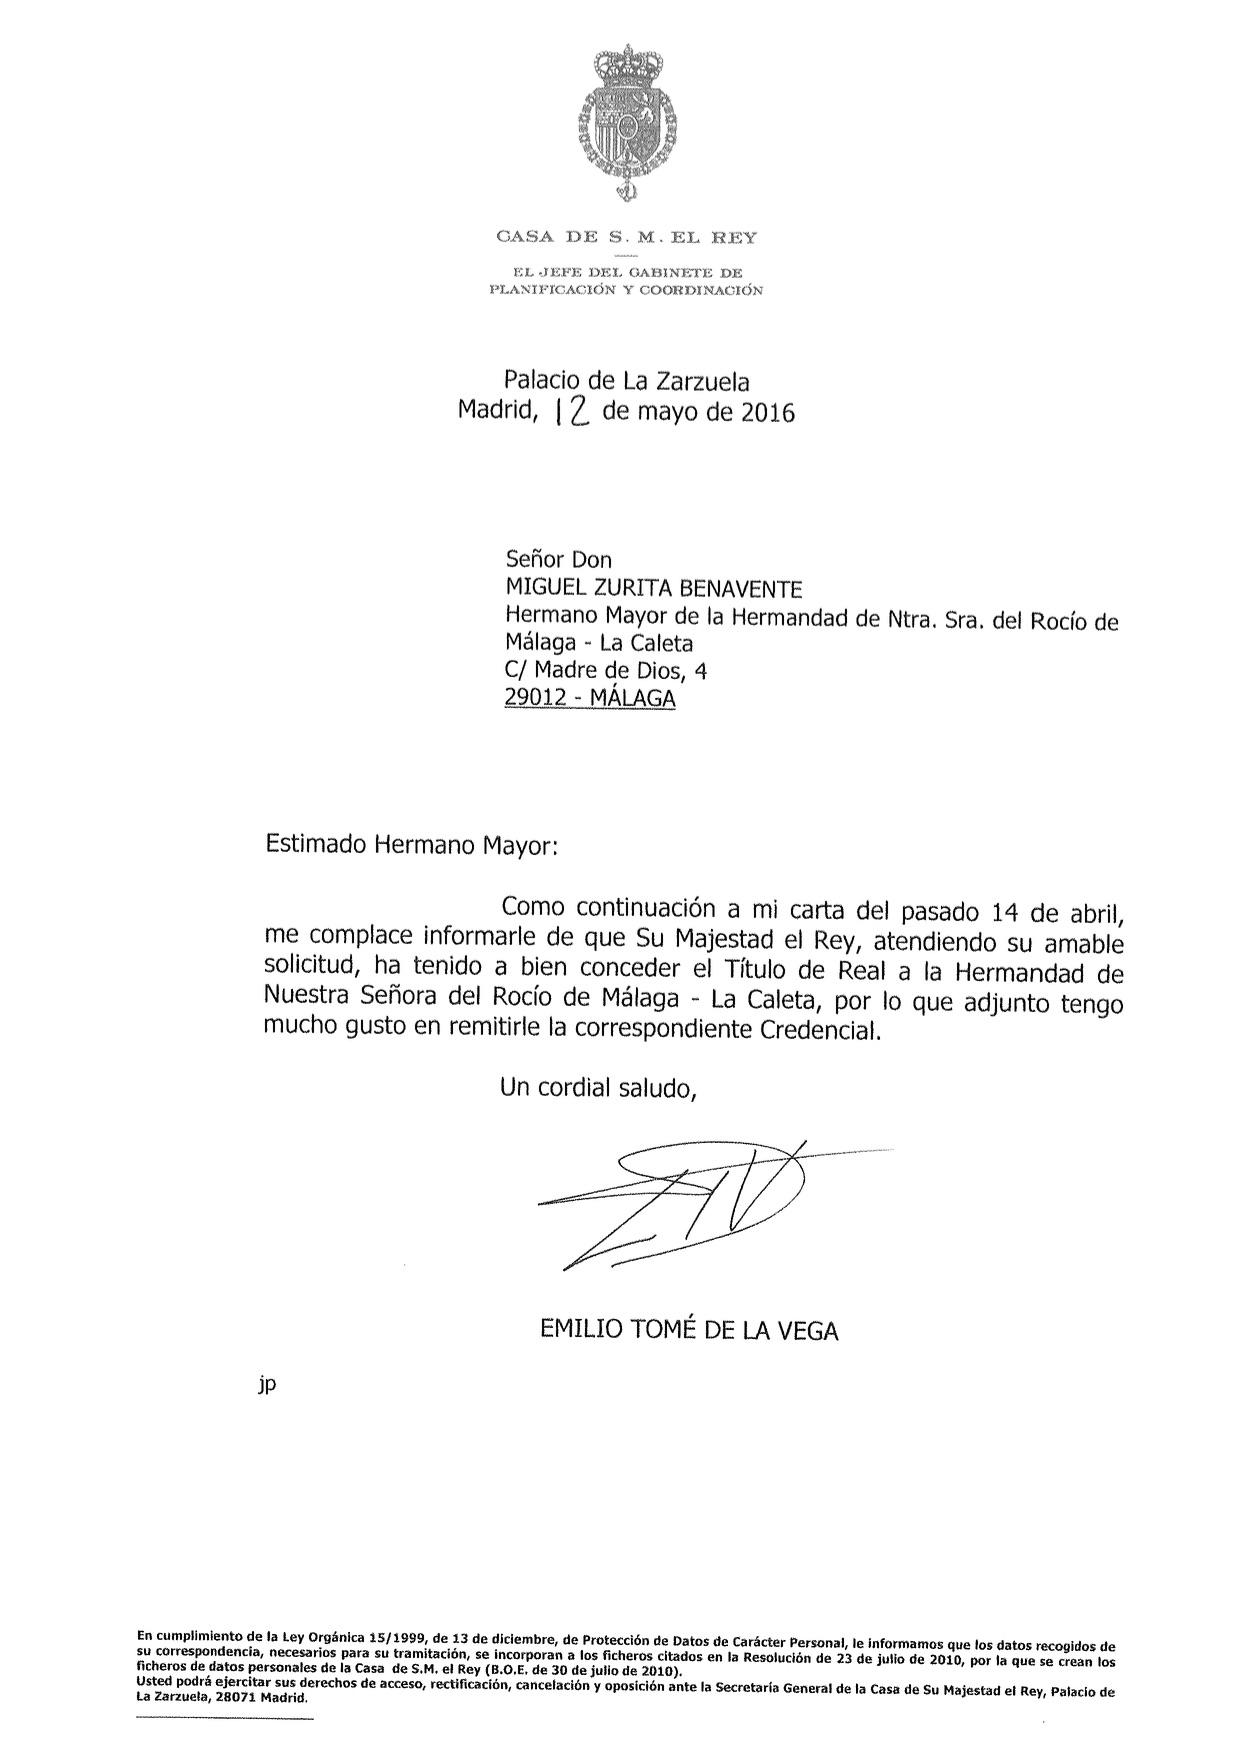 La Caleta Real Carta y credencial-2